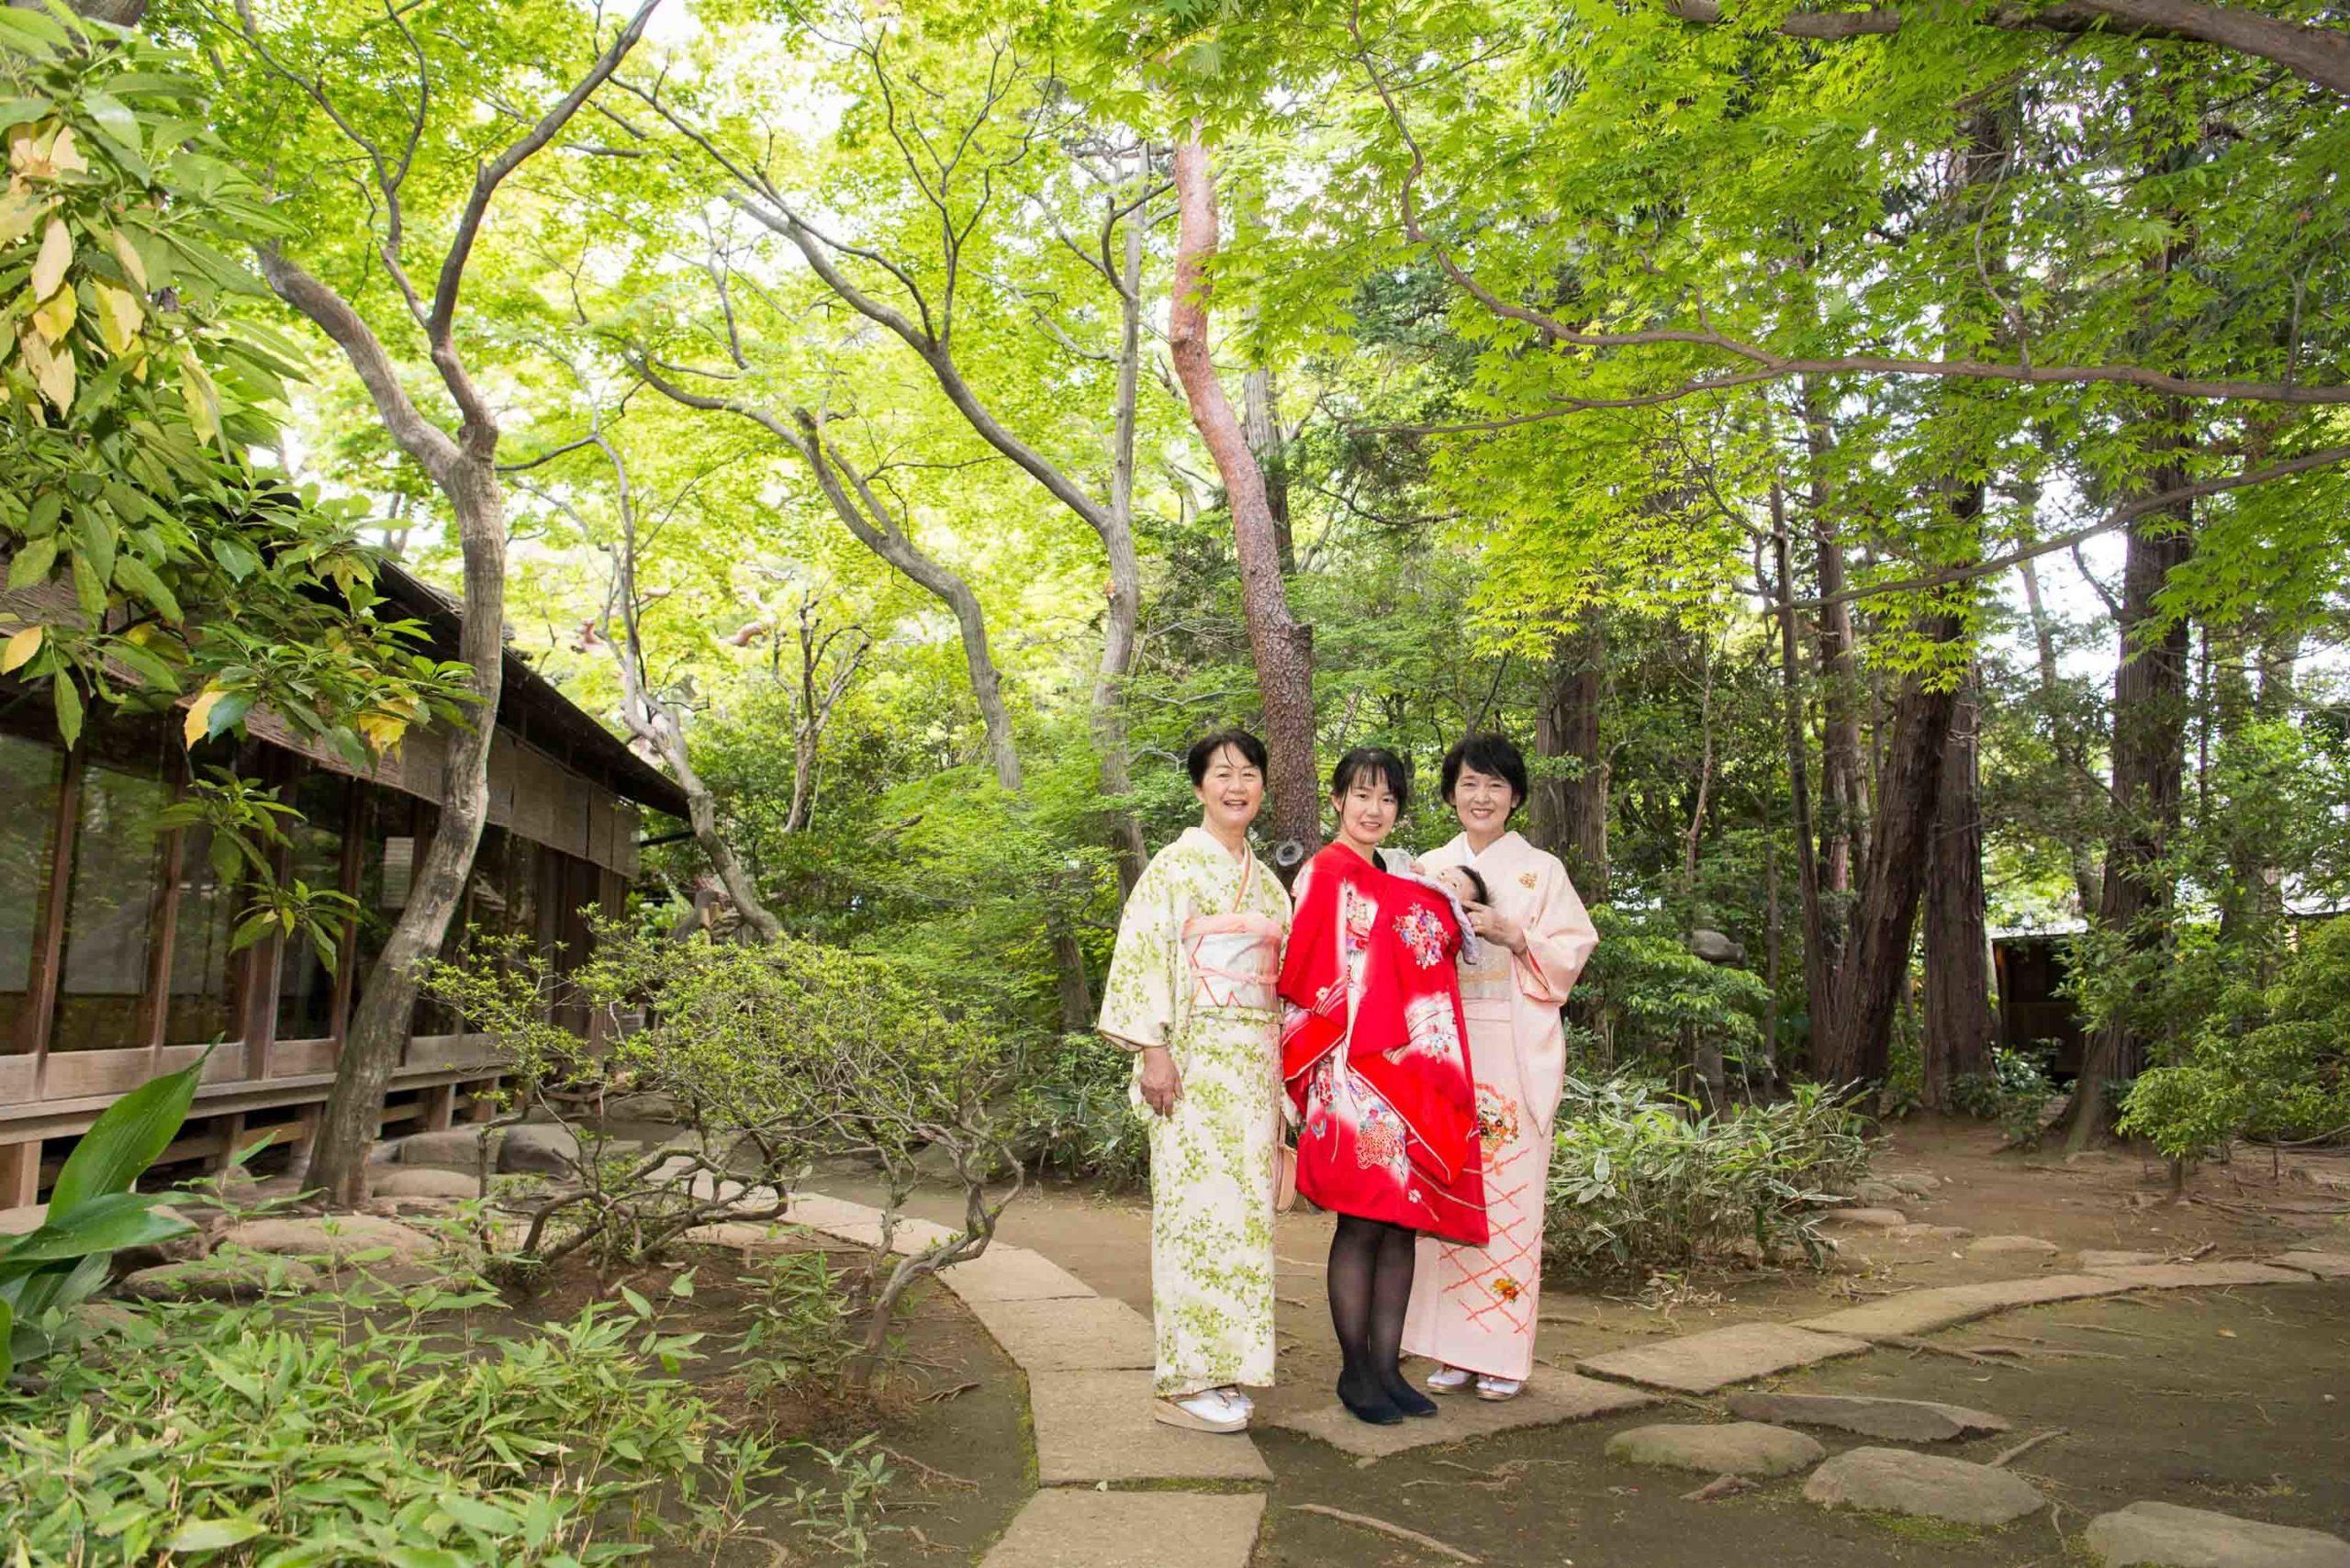 割烹の庭園で並び写真を取る女性3人